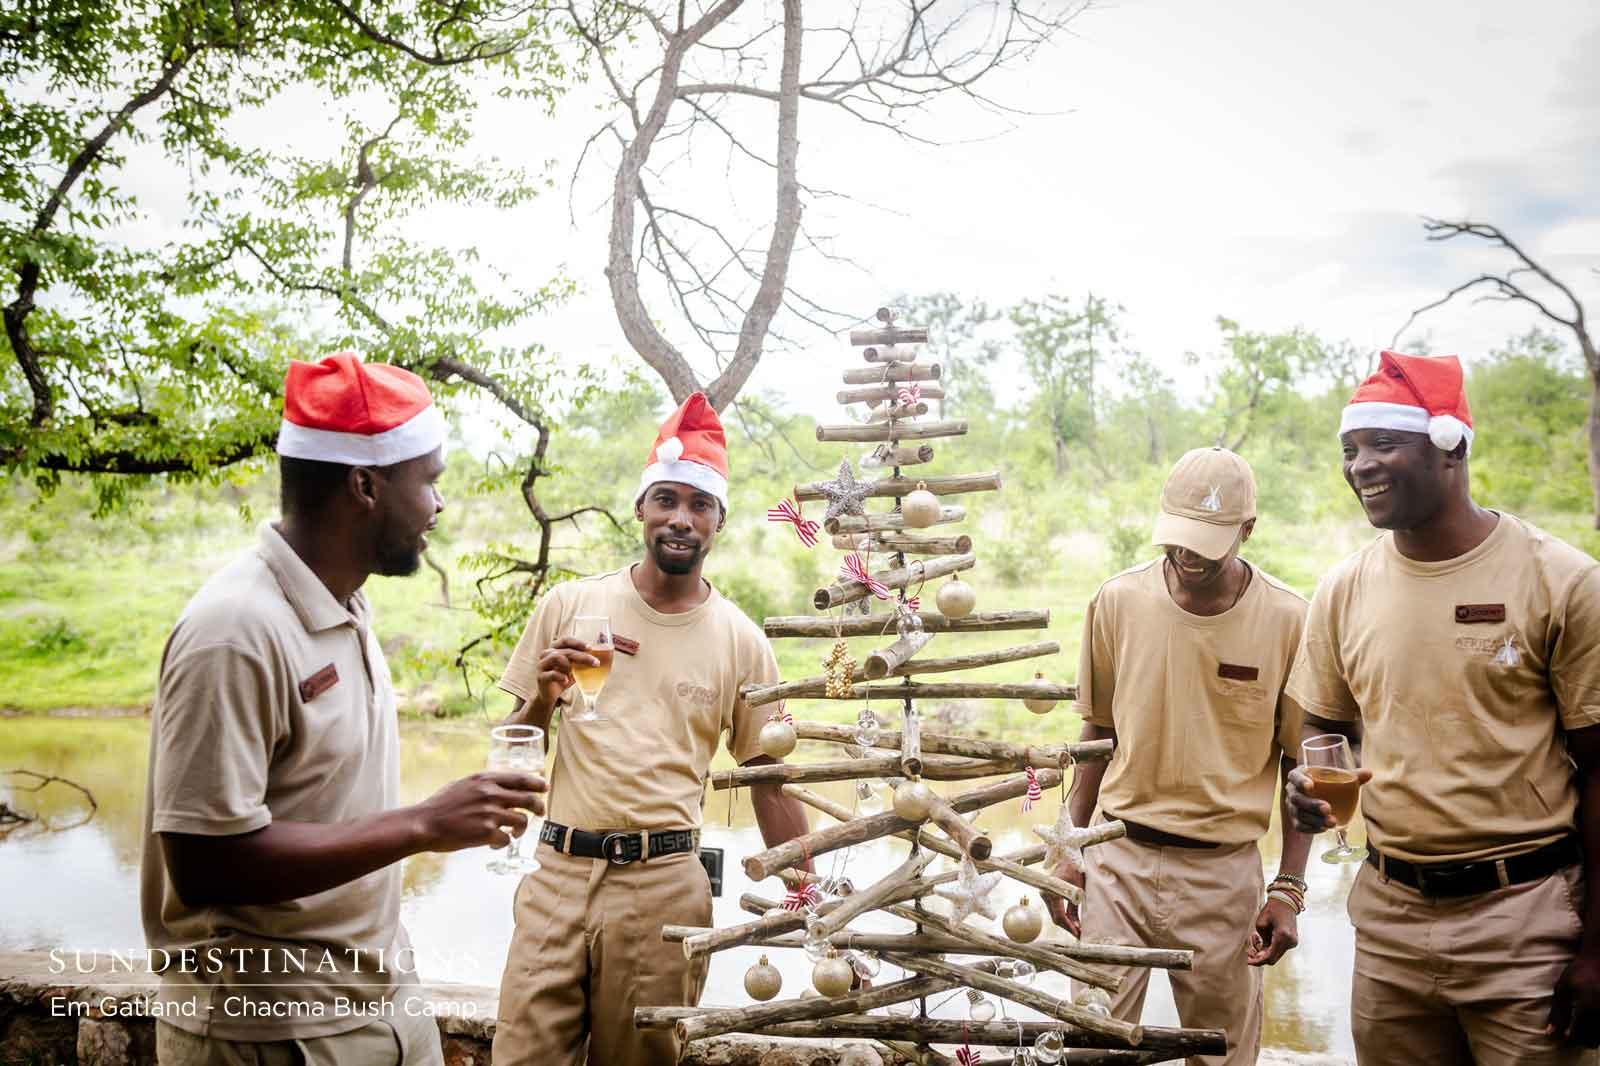 Trees at Chacma Bush Camp